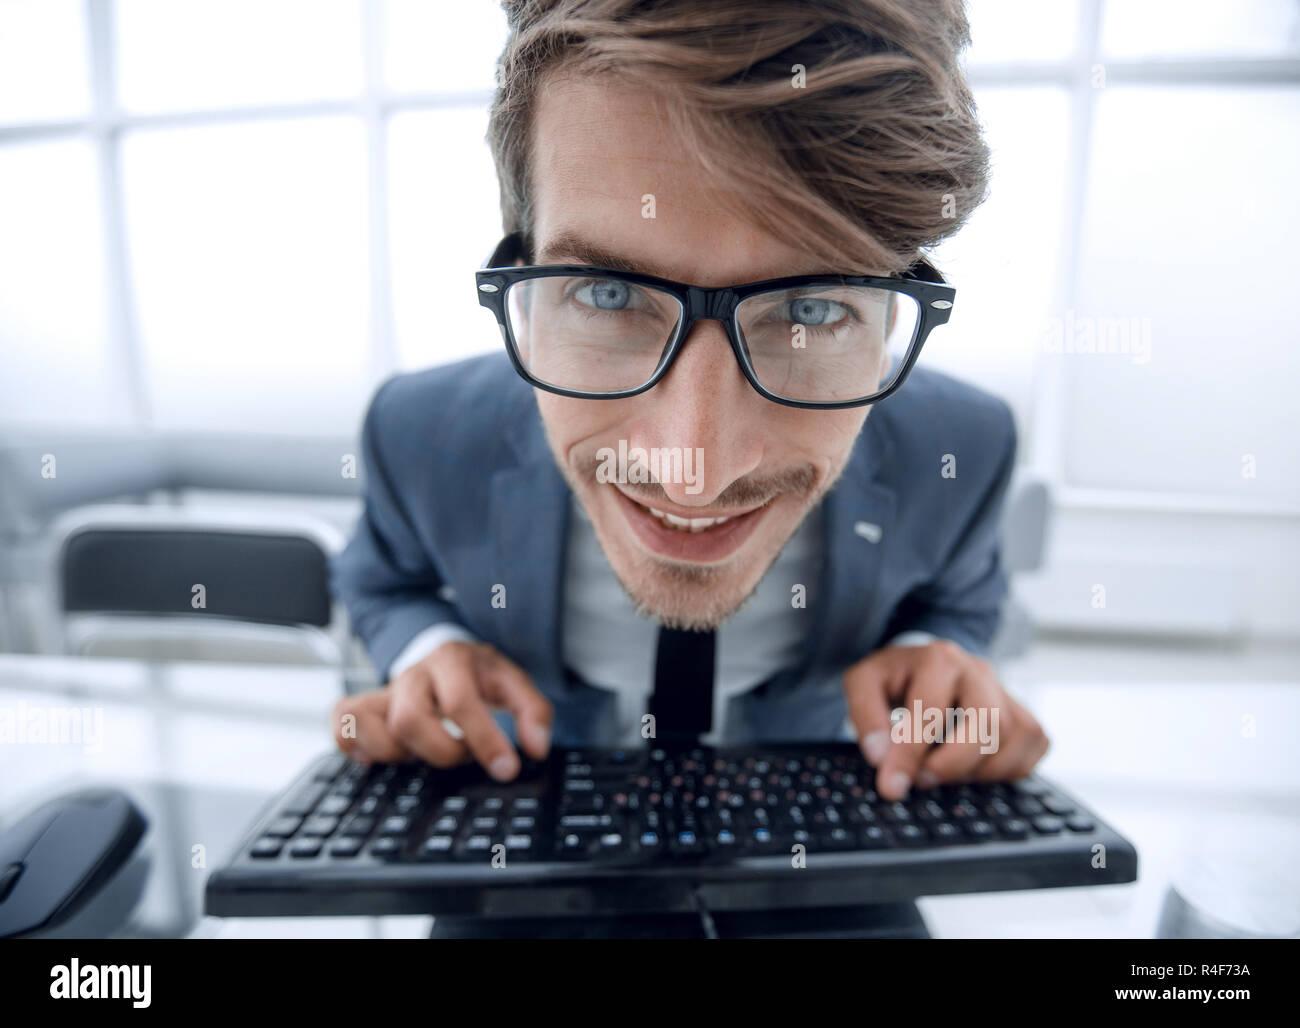 Crazy cercando man digitando sulla tastiera Immagini Stock